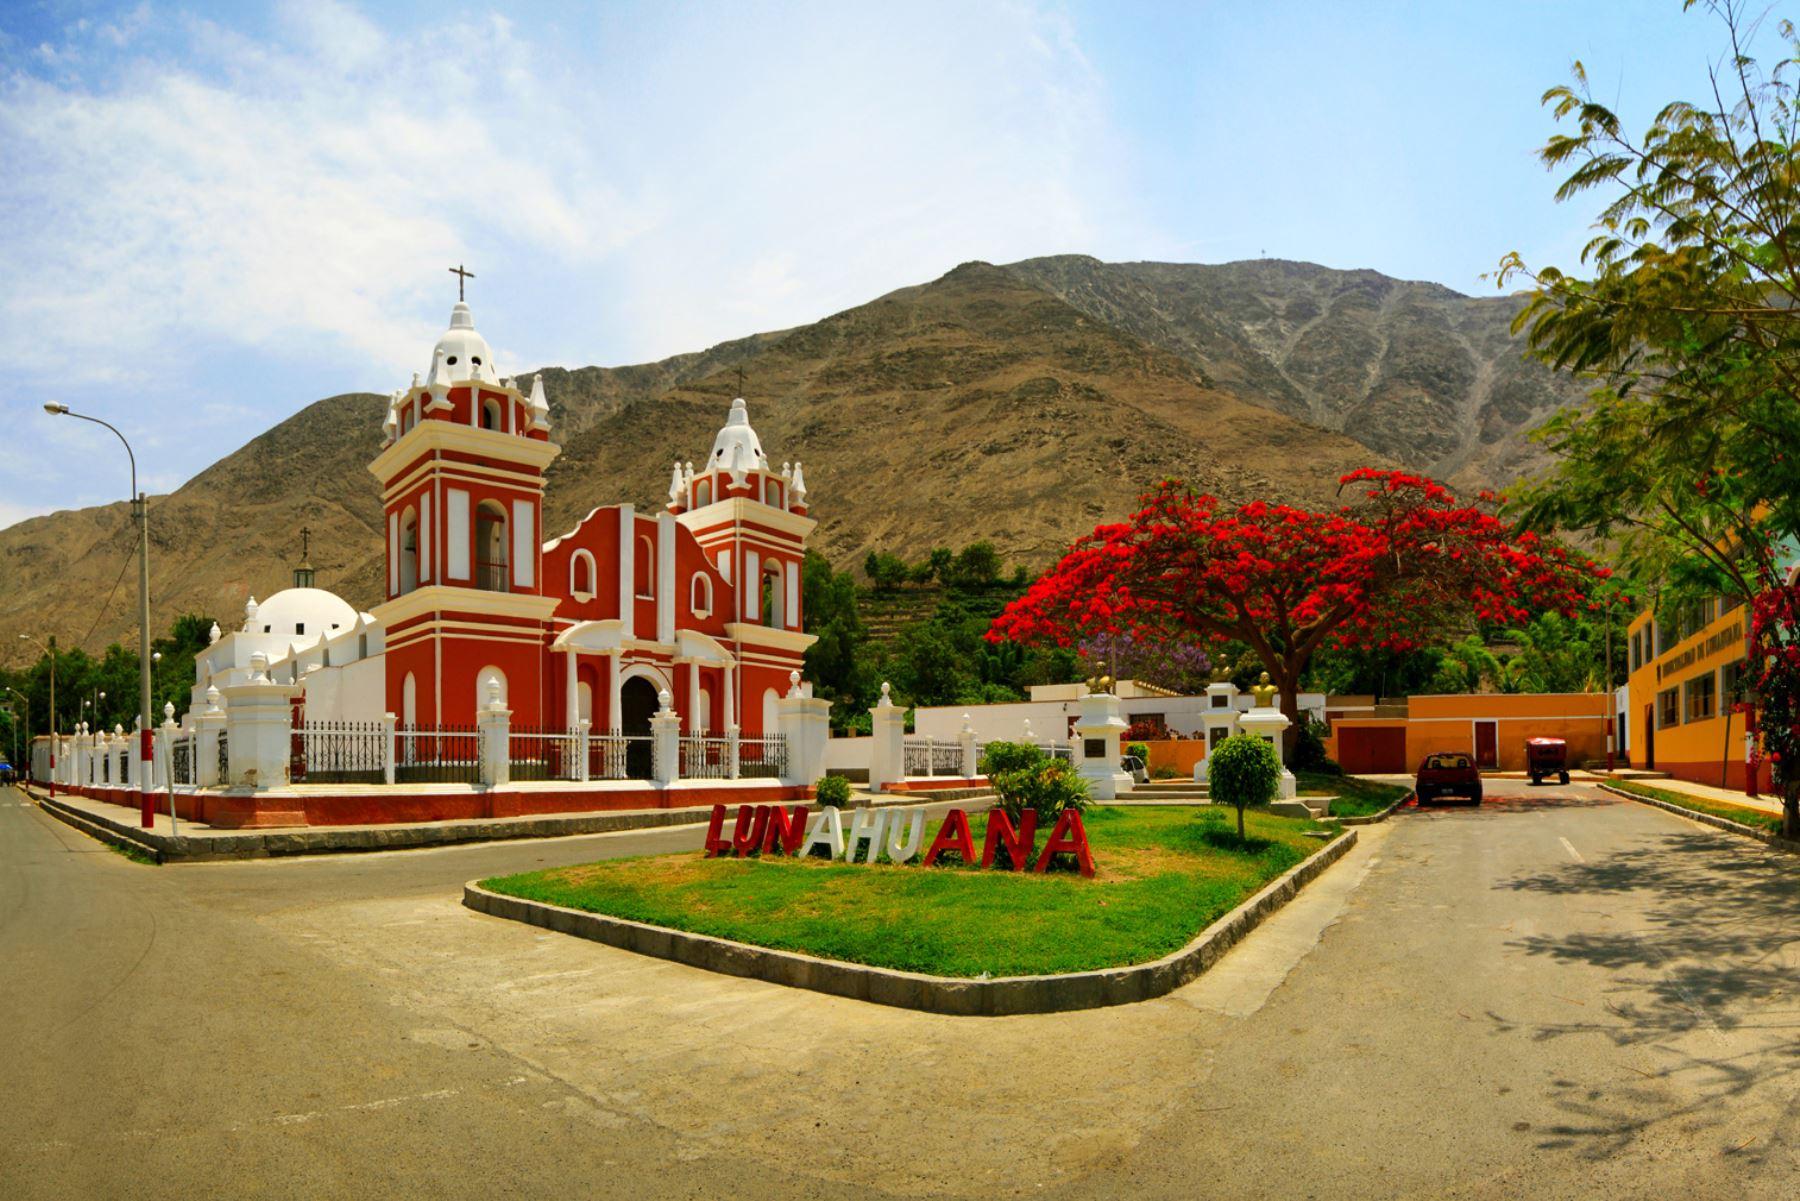 Un sismo de magnitud 3.8, con una profundidad de 95 kilómetros, se registró esta mañana en el distrito de Lunahuaná, informó el Centro Sismológico Nacional del Instituto Geofísico del Perú (IGP). Foto: ANDINA/difusión.